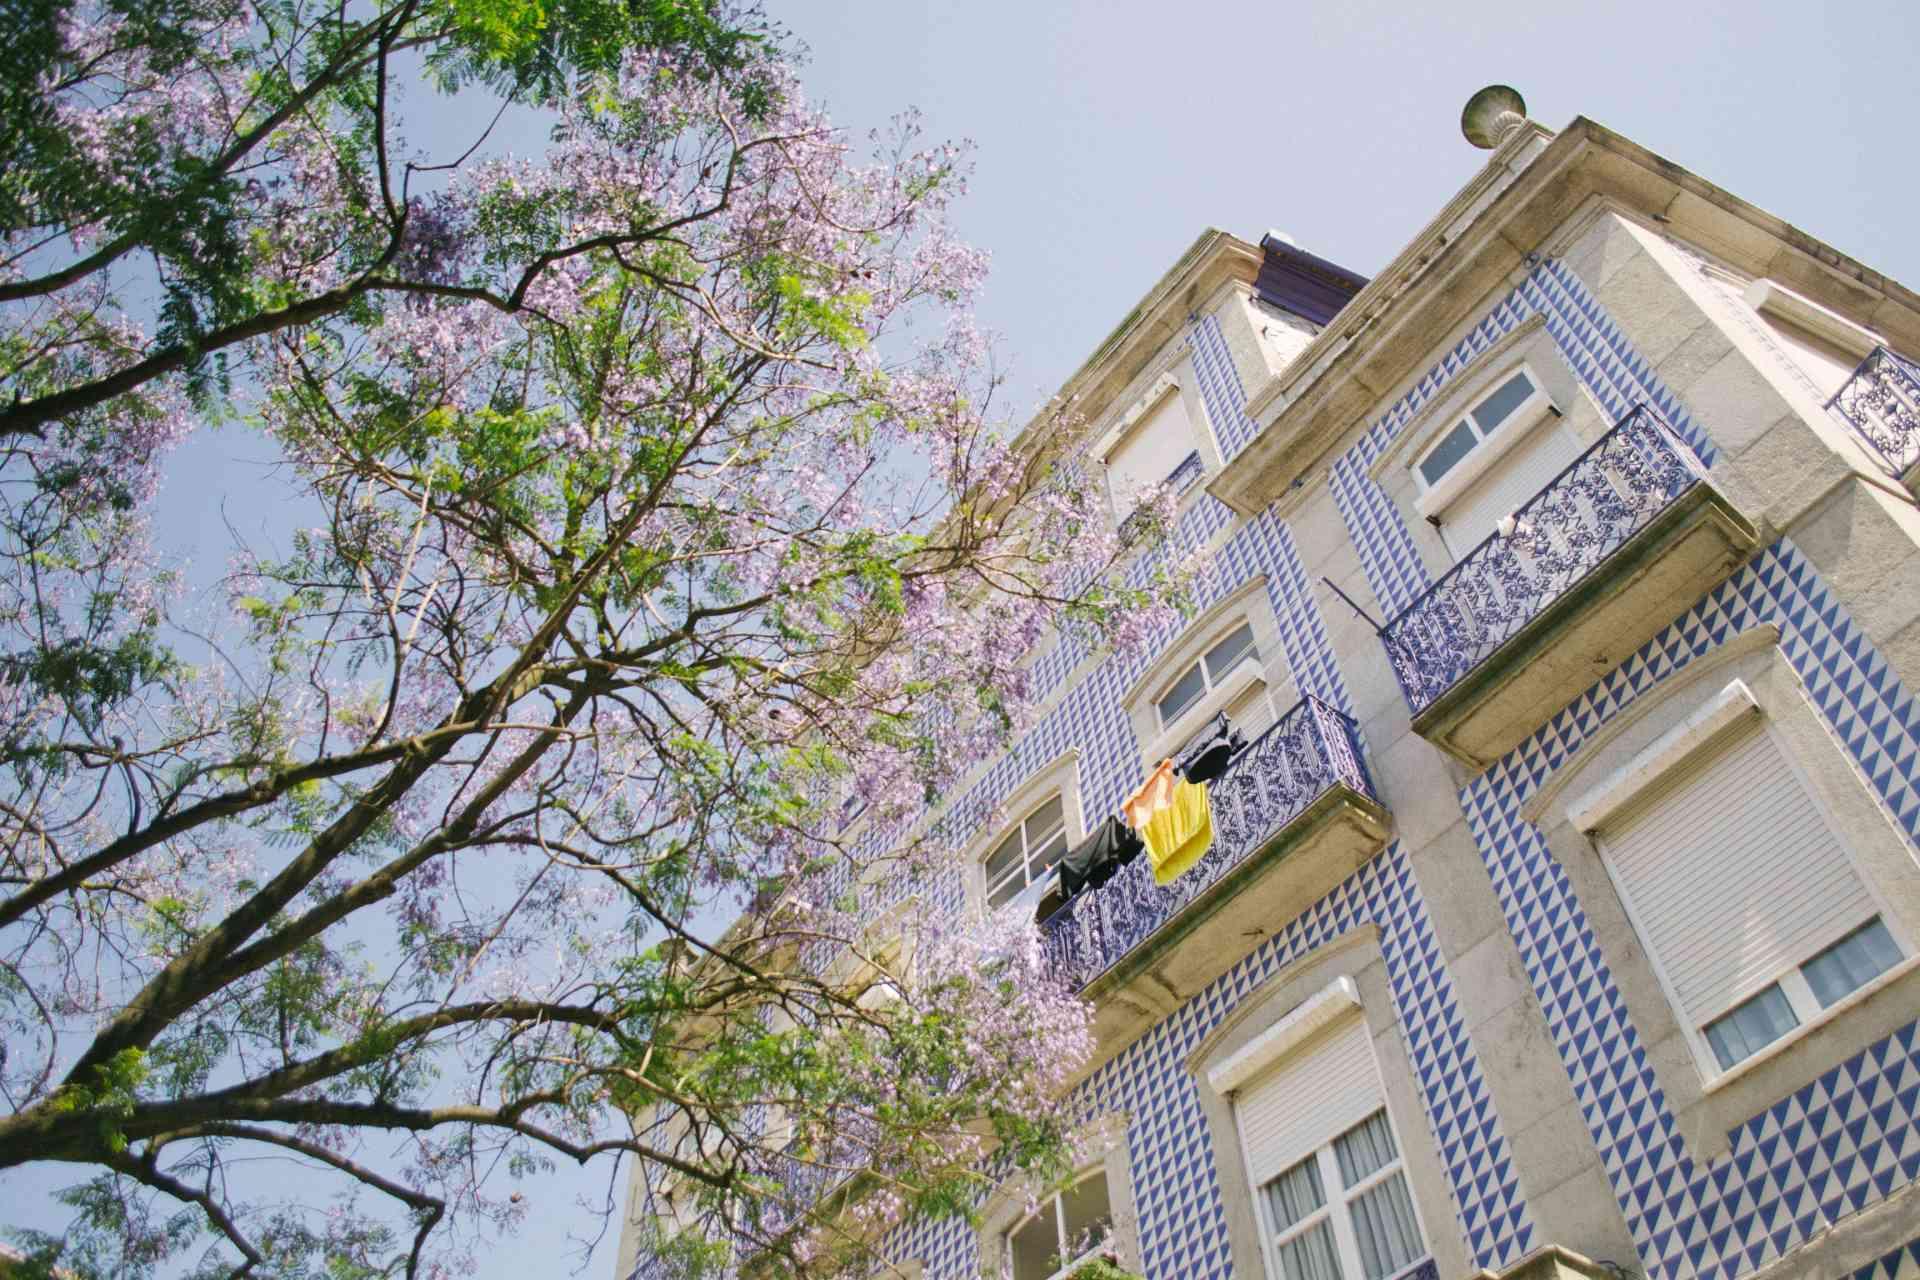 Porto, Portugal by Nathalia Segato/Unsplash